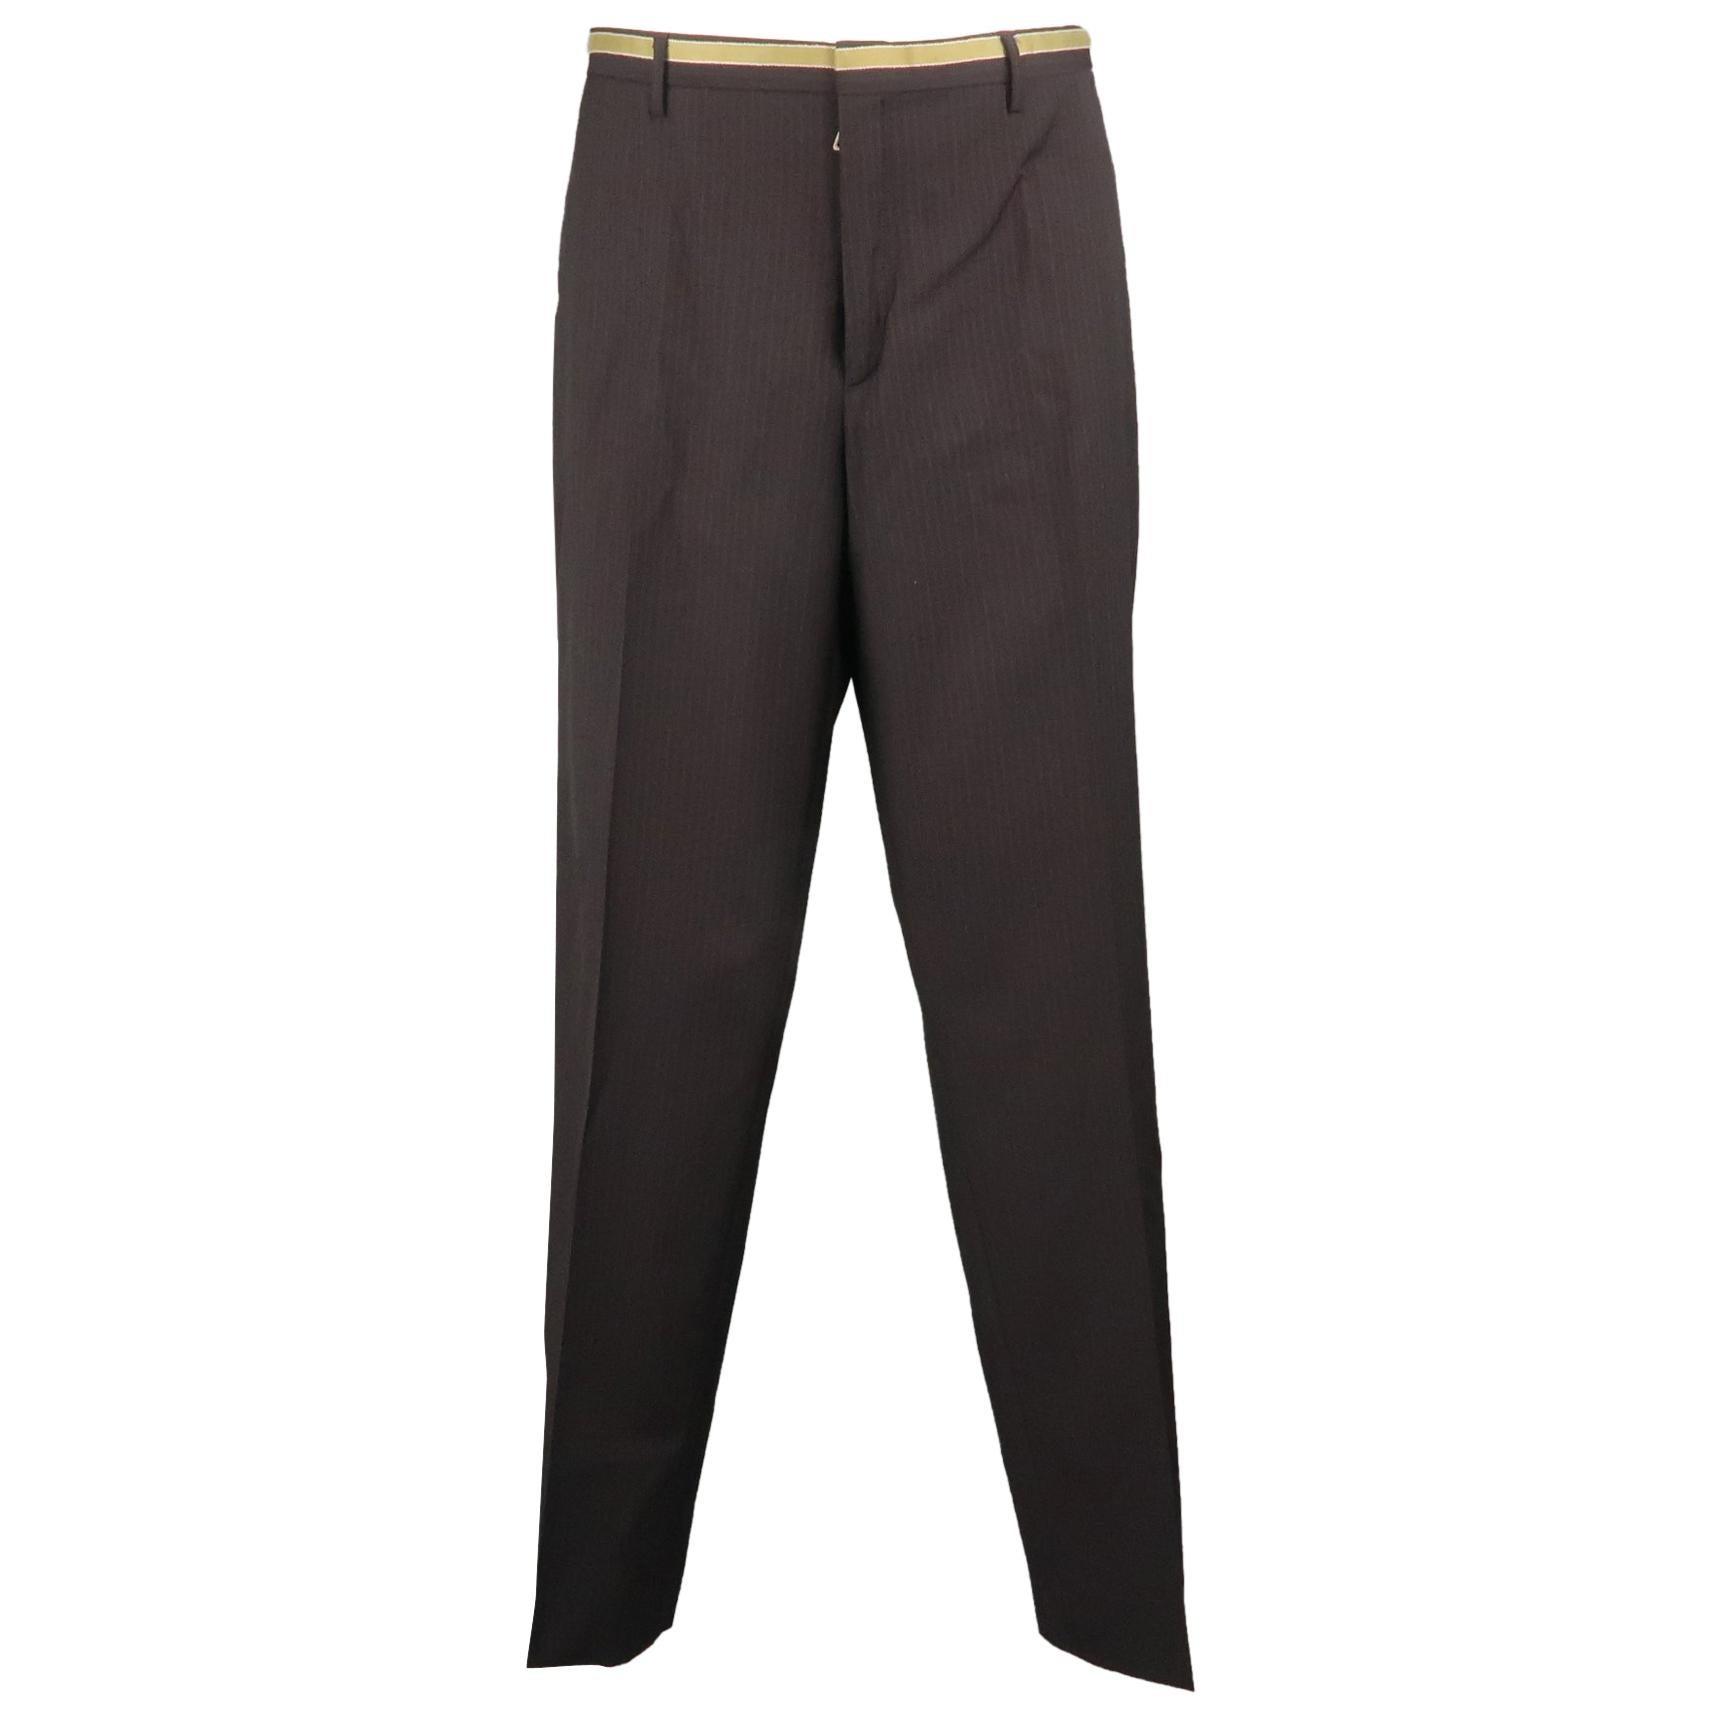 PRADA Size 34 Black Stripe Wool 32 Flat Front Dress Pants